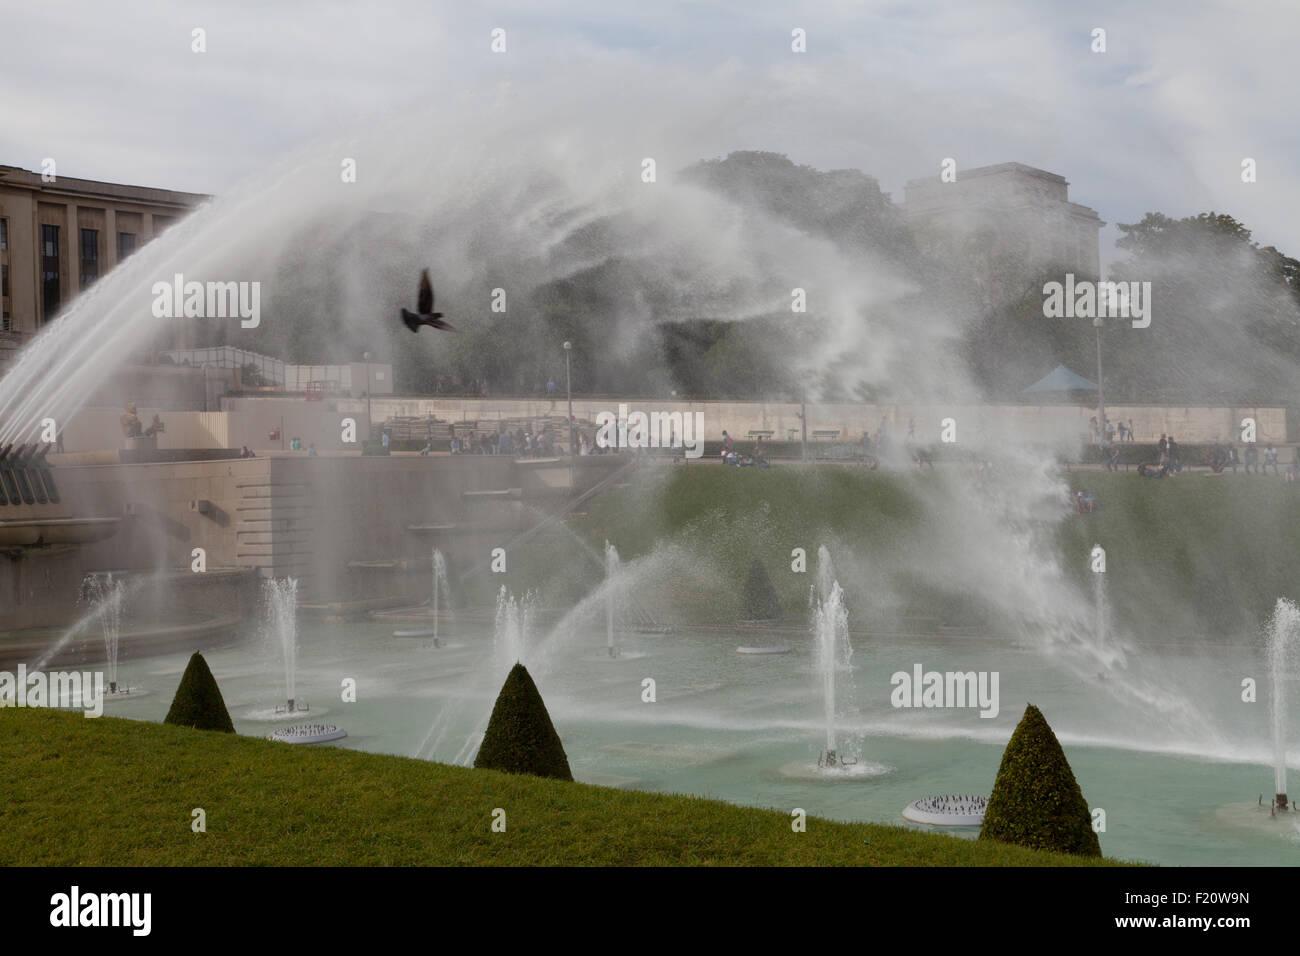 Place du Trocadero, Paris, France. - Stock Image